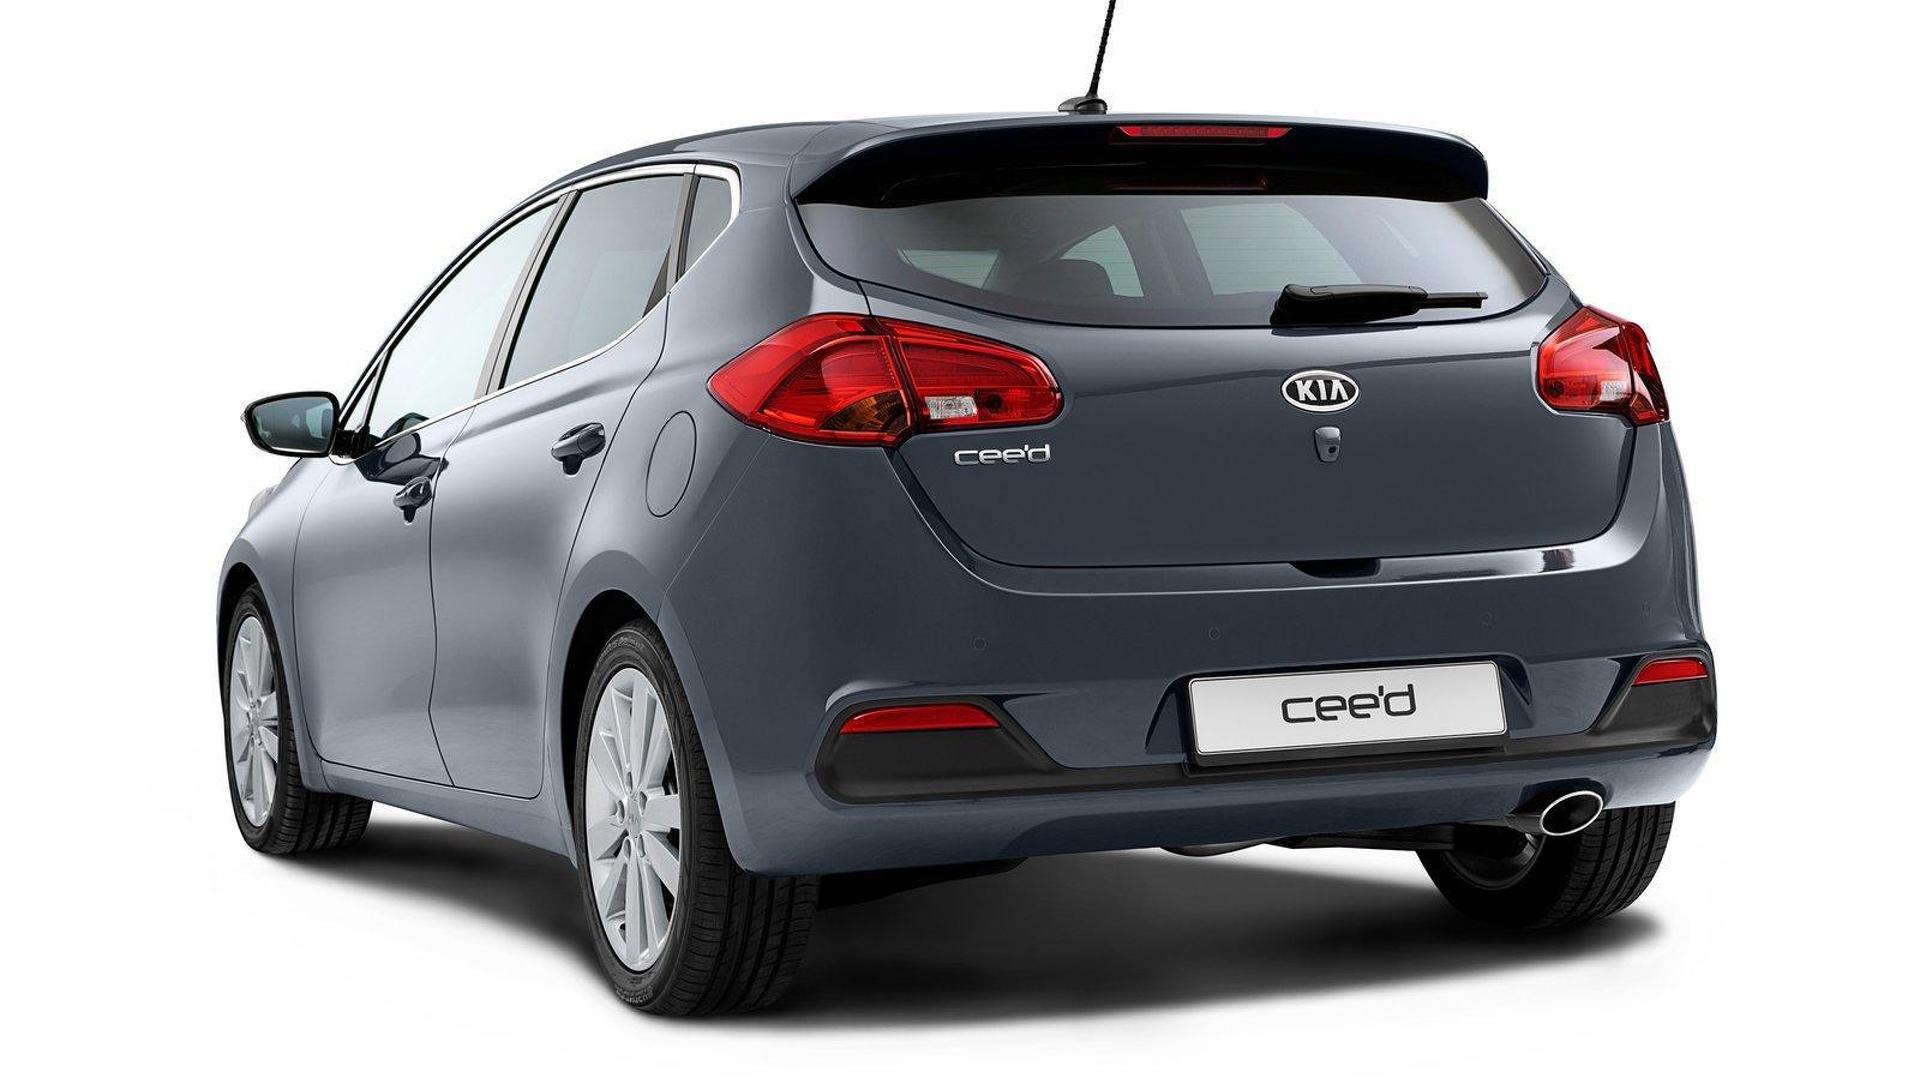 More photos of 2013 Kia cee'd 5-door hatchback surface